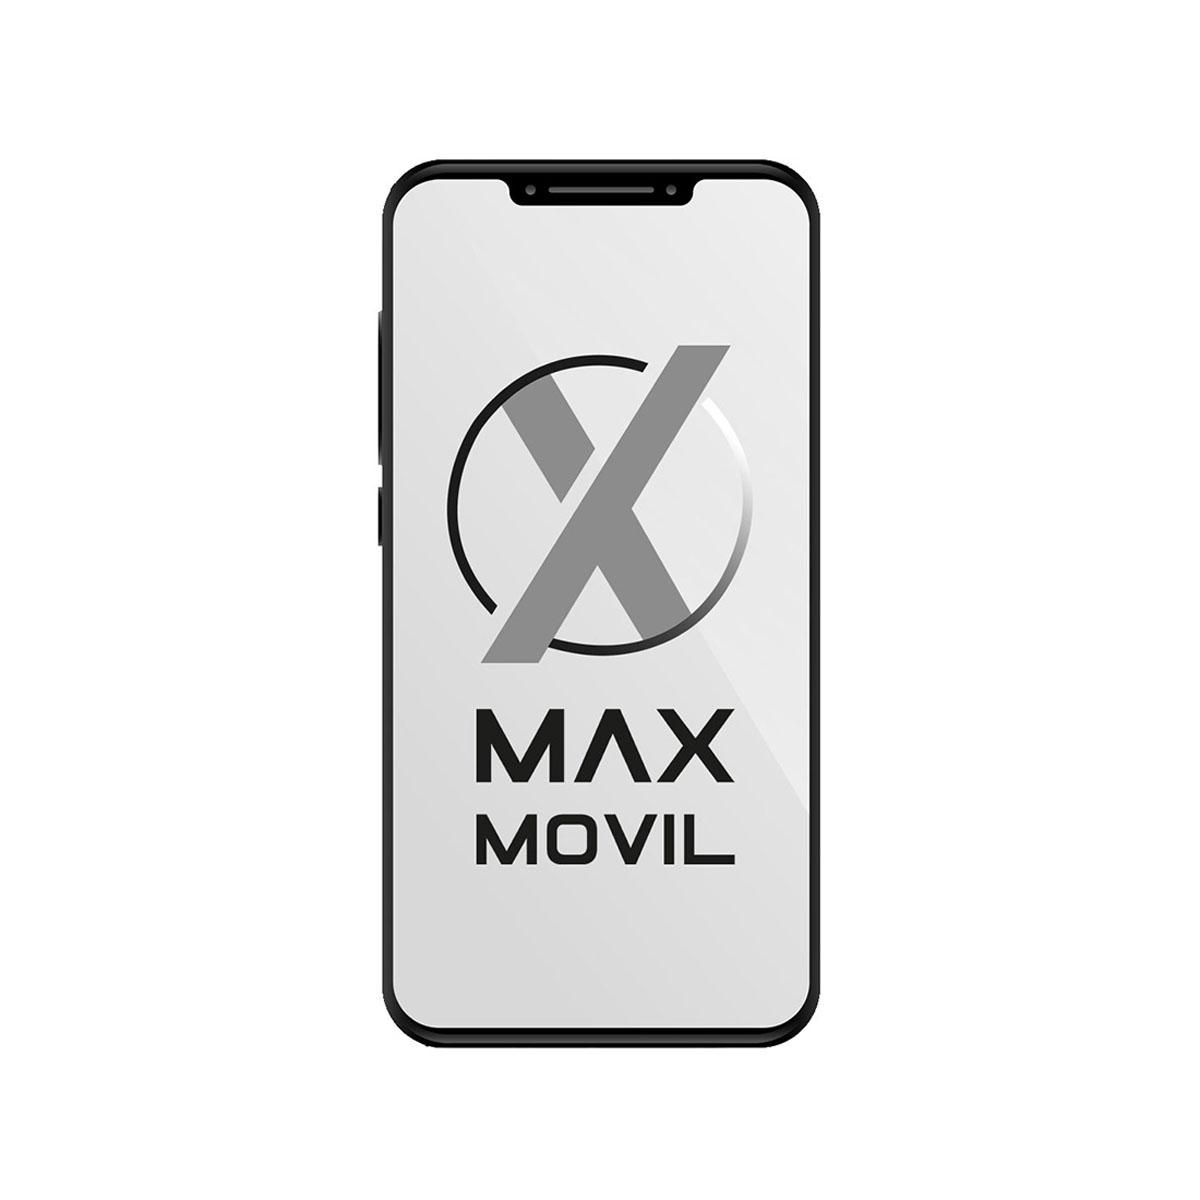 Samsung Galaxy Xcover 3 Value Edition G389 plata oscuro libre